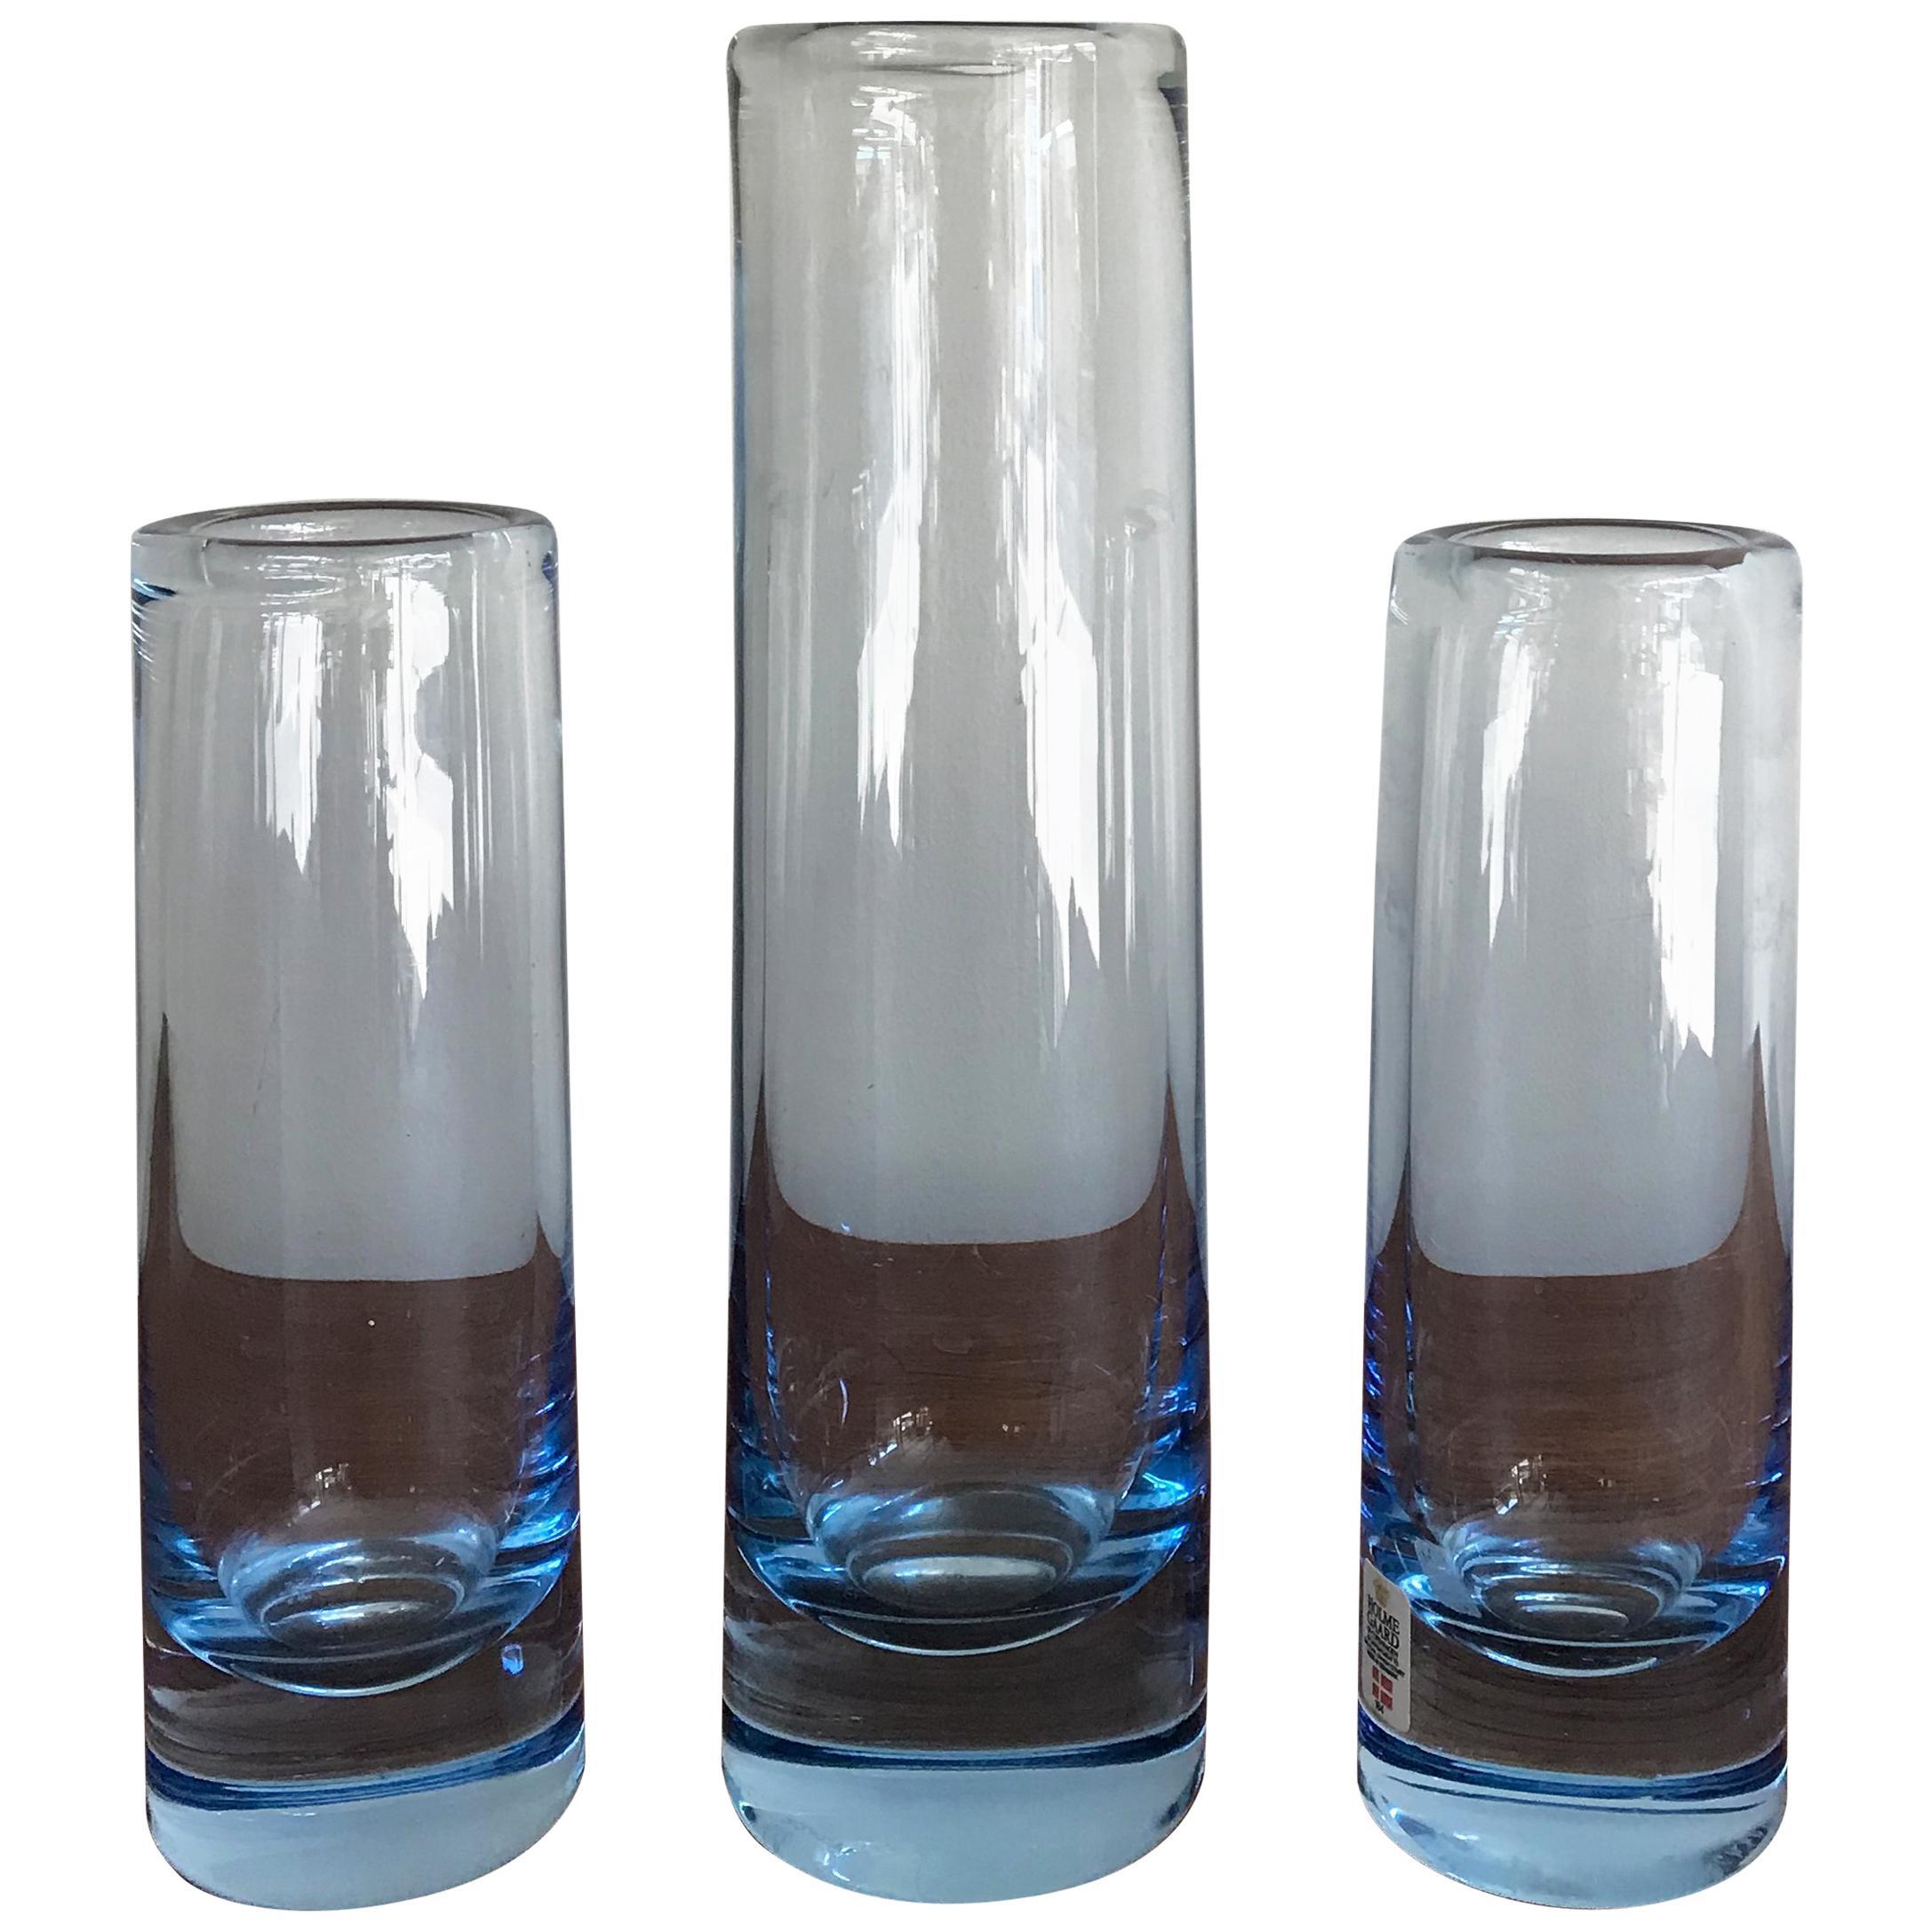 Per Lutken Scandinavian Mid-Century Light Blue Glass Vases, Holmegar, 1960s